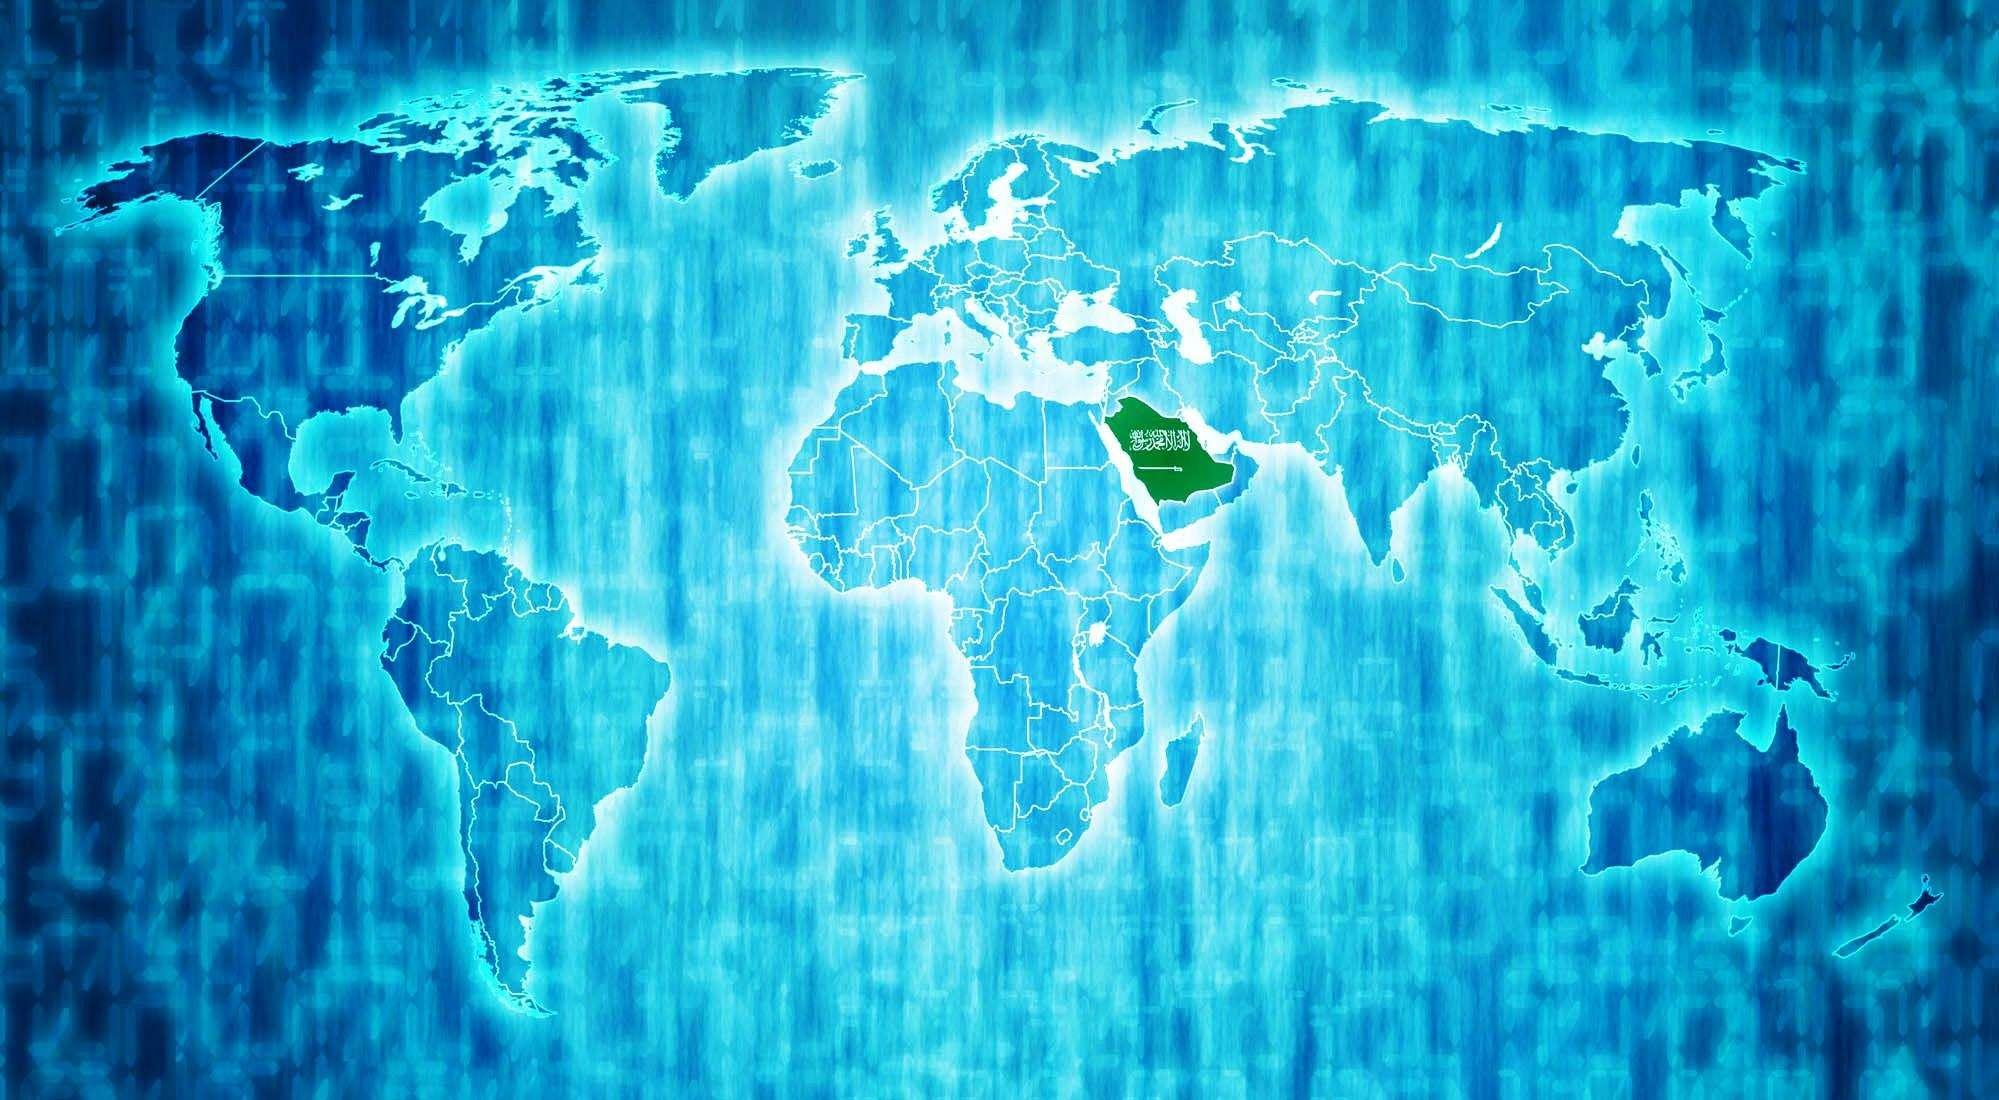 സൈബര് സുരക്ഷ: അറബ് ലോകത്ത് ഒന്നാം സ്ഥാനം നേടി സൗദി അറേബ്യ